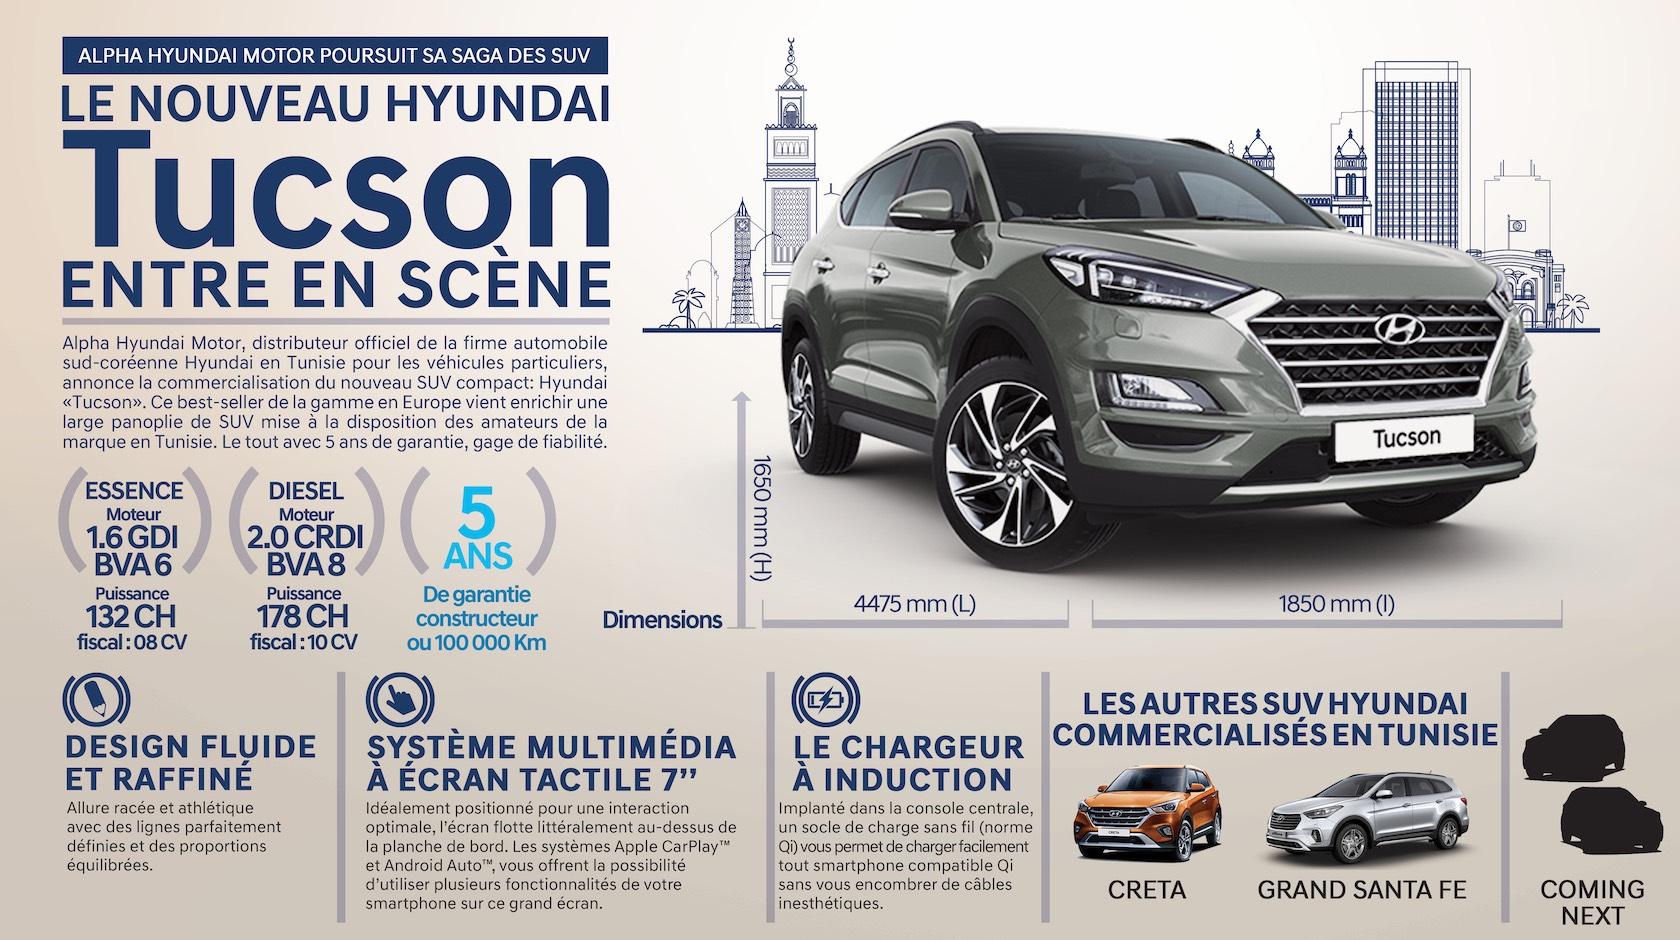 Nouveau Tucson chez Alpha Hyundai